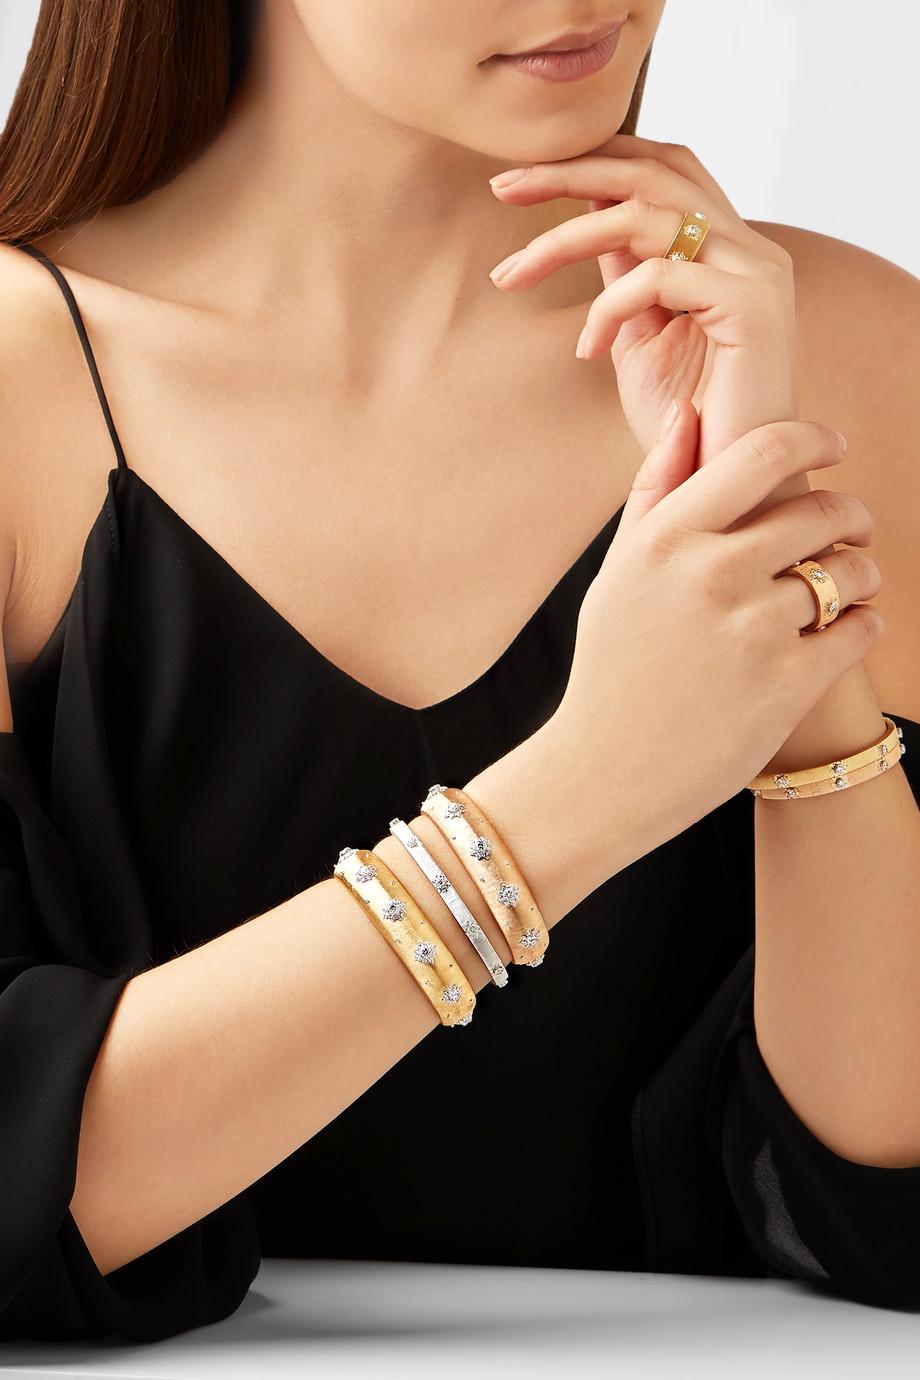 Buccellati Macri Cuff Bracelet Rings.jpeg